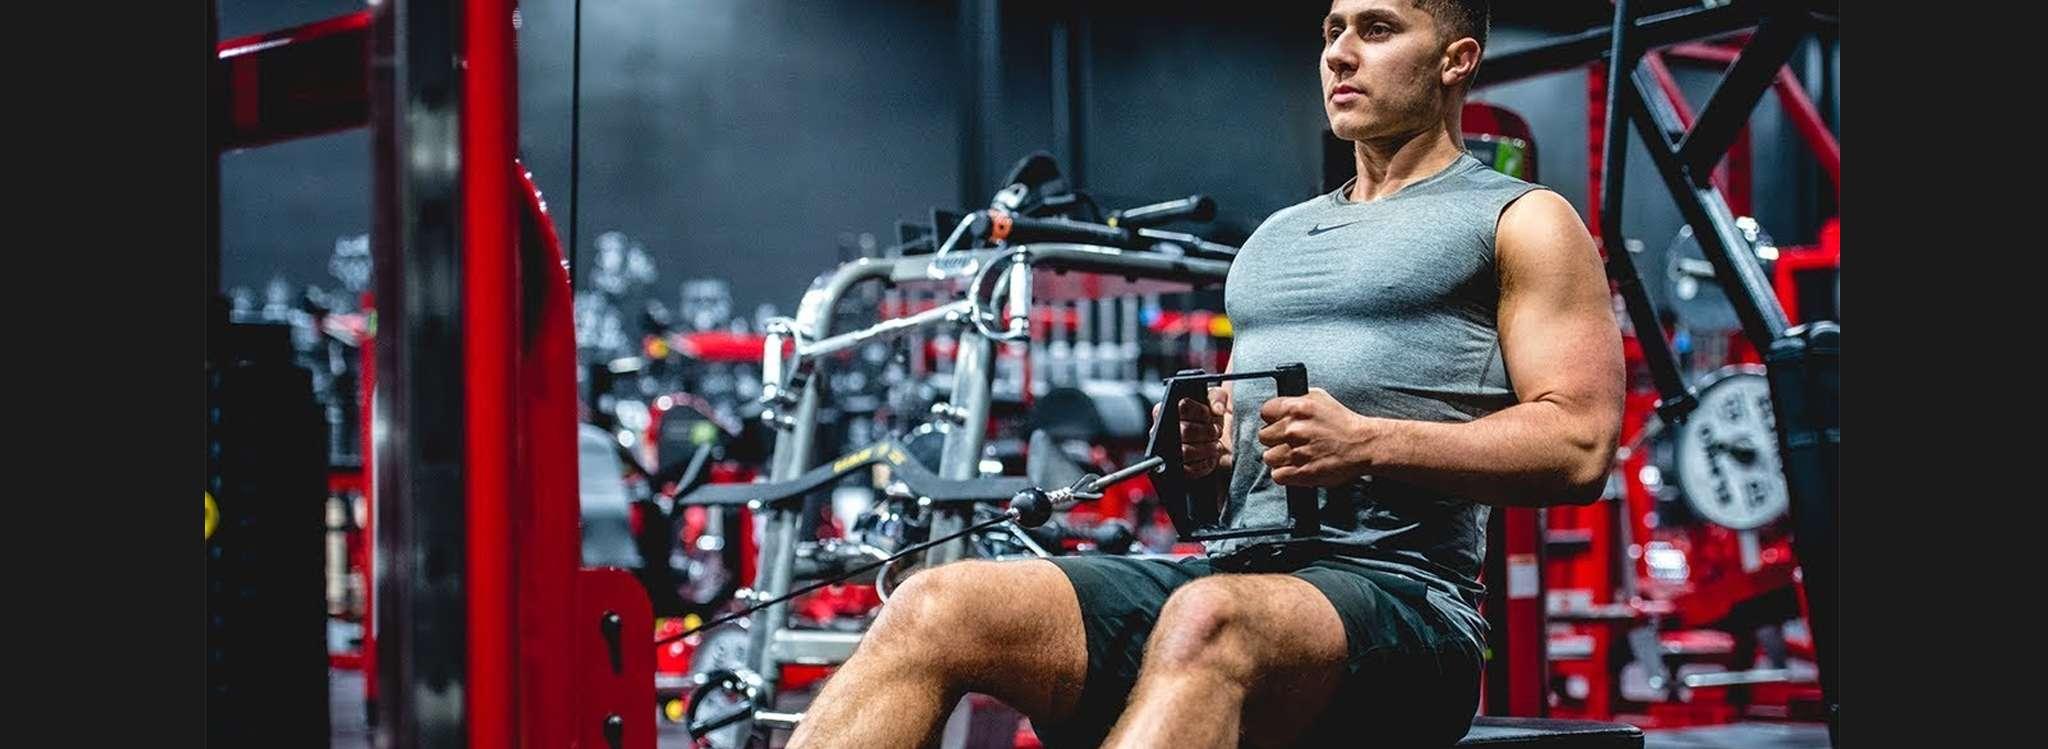 Top 30 bài tập lưng xô cho nam giới hiệu quả nhất sẽ giúp bạn sở hữu tâm lưng rộng dày đẹp nhất.Top 30 bài tập lưng xô cho nam giới hiệu quả nhất sẽ giúp bạn sở hữu tâm lưng rộng dày đẹp nhất.